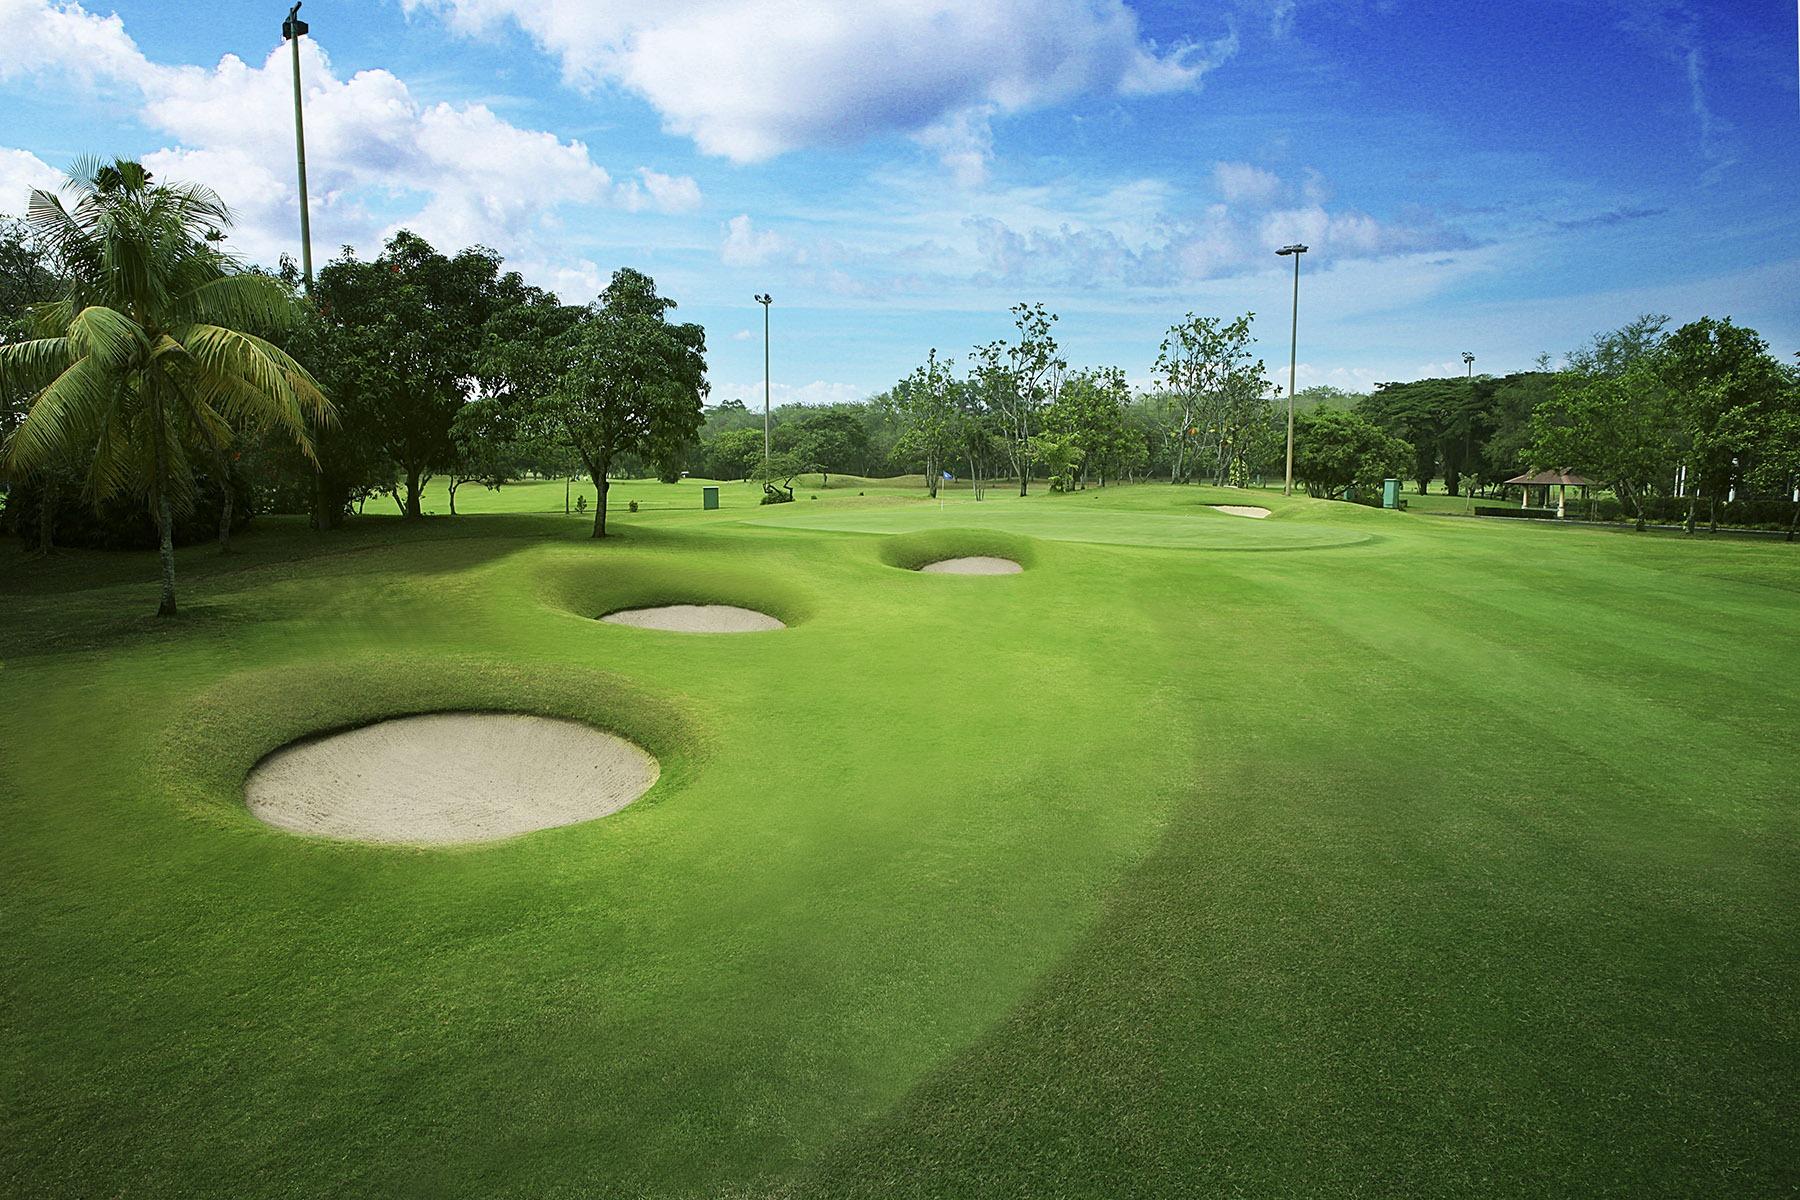 Lapangan golf 18 hole di Kota Modern